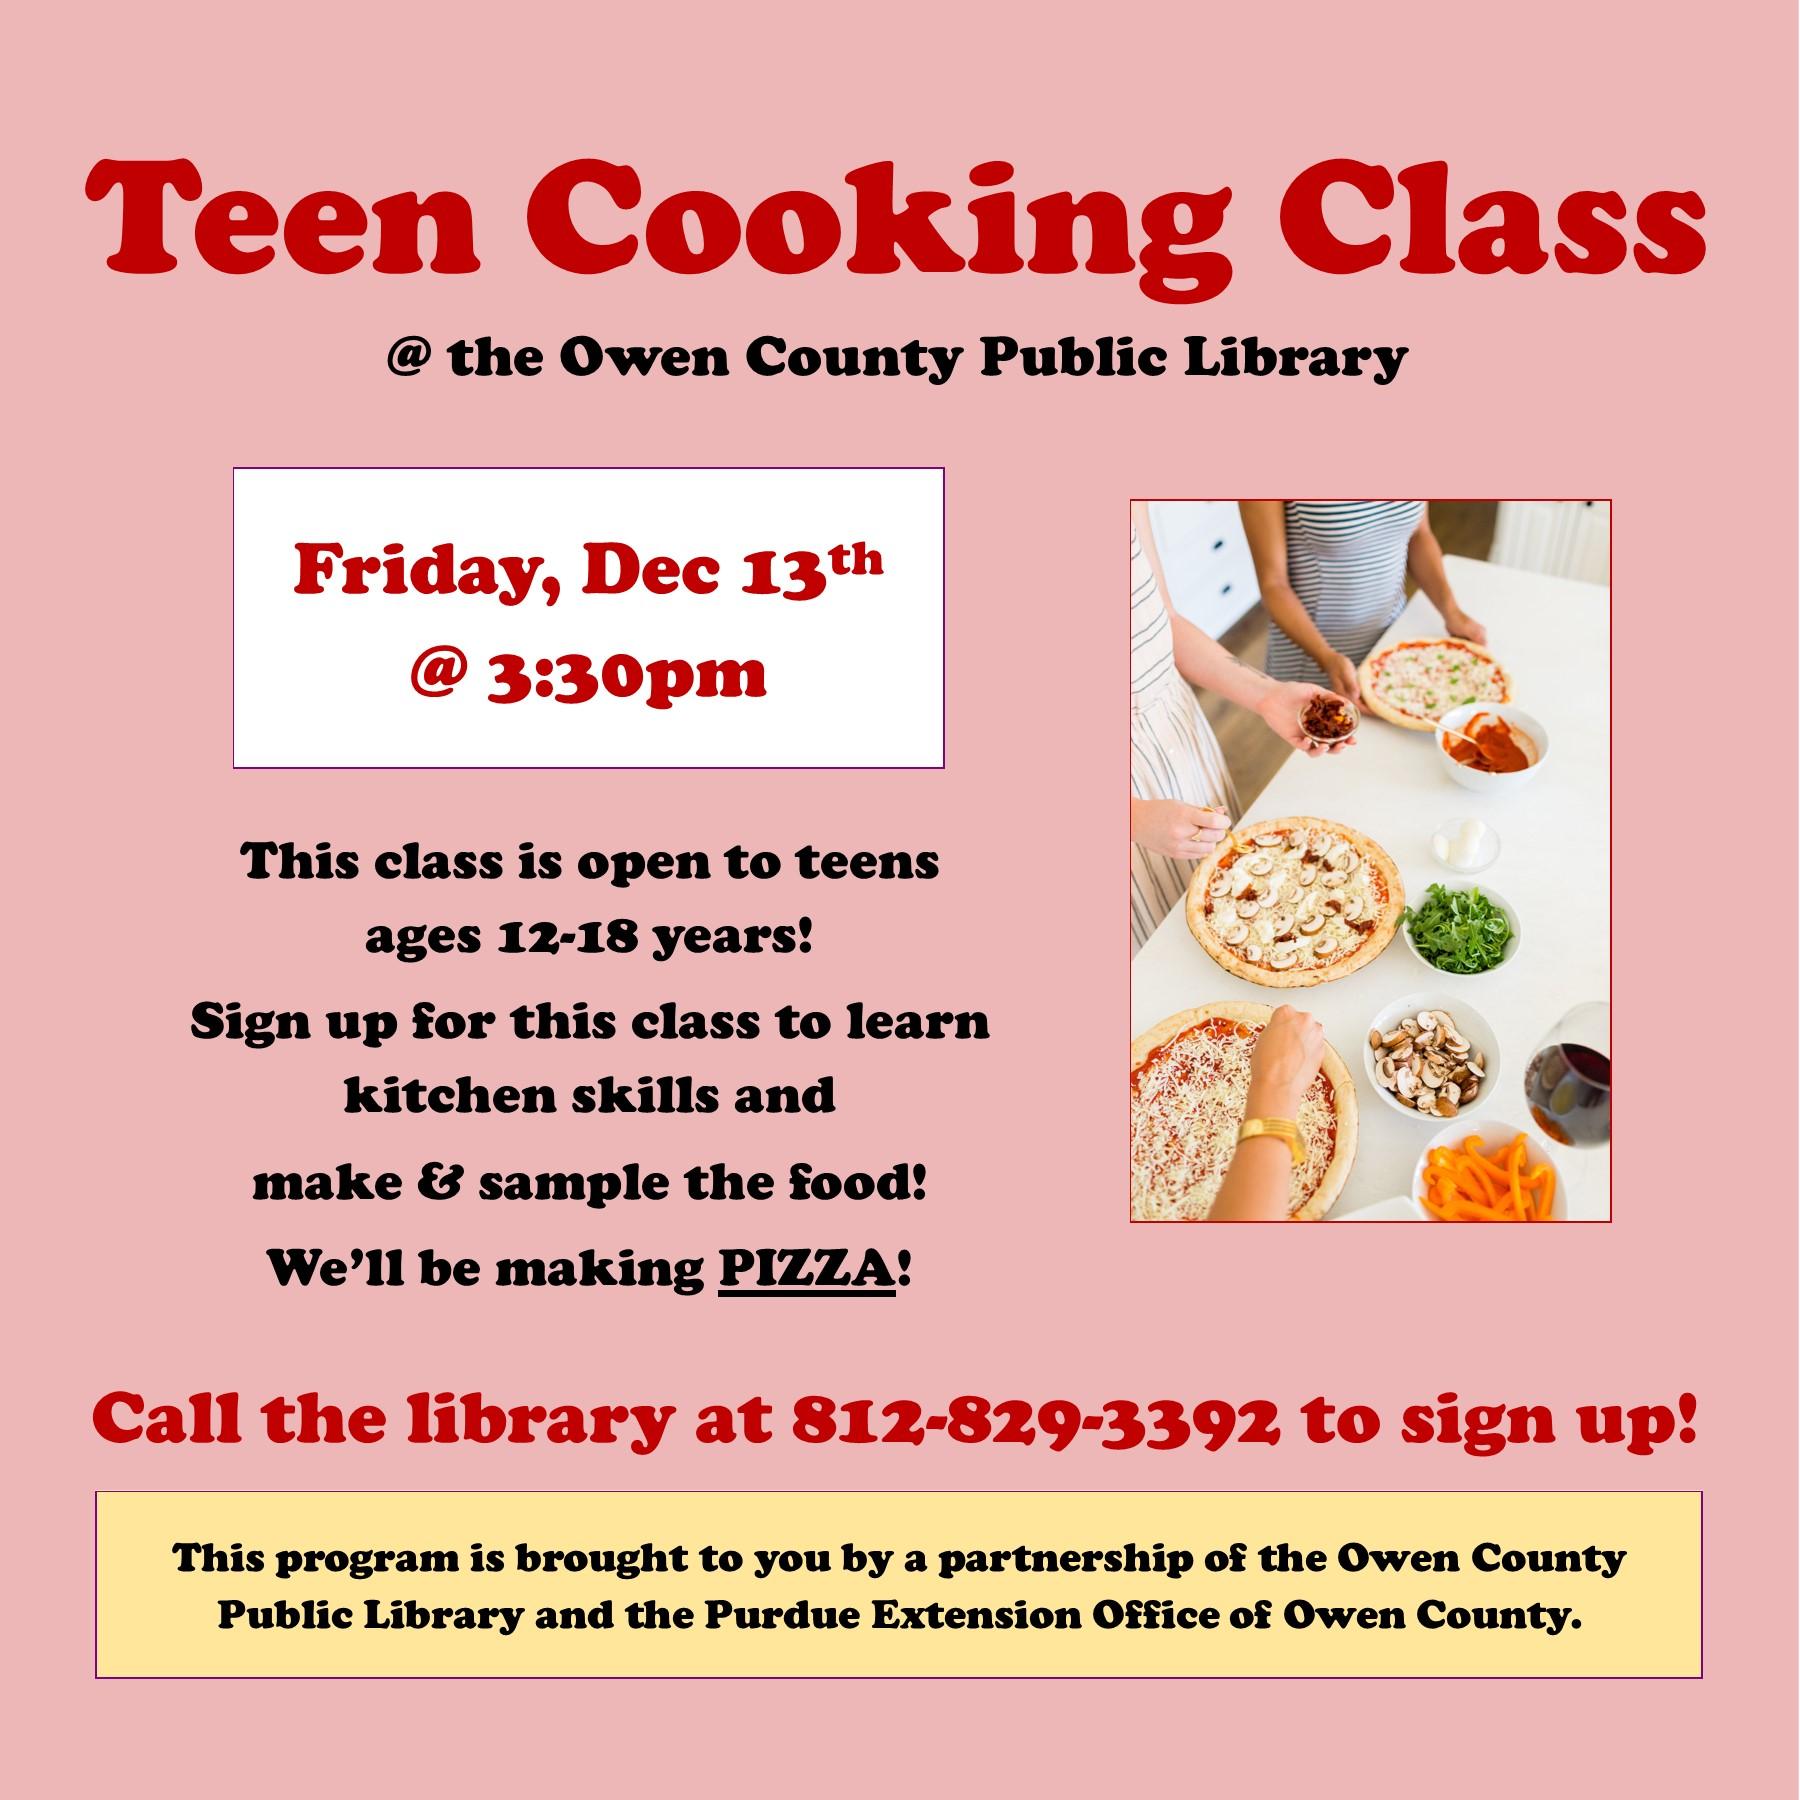 teen cooking class flyer, instagram, dec 2019